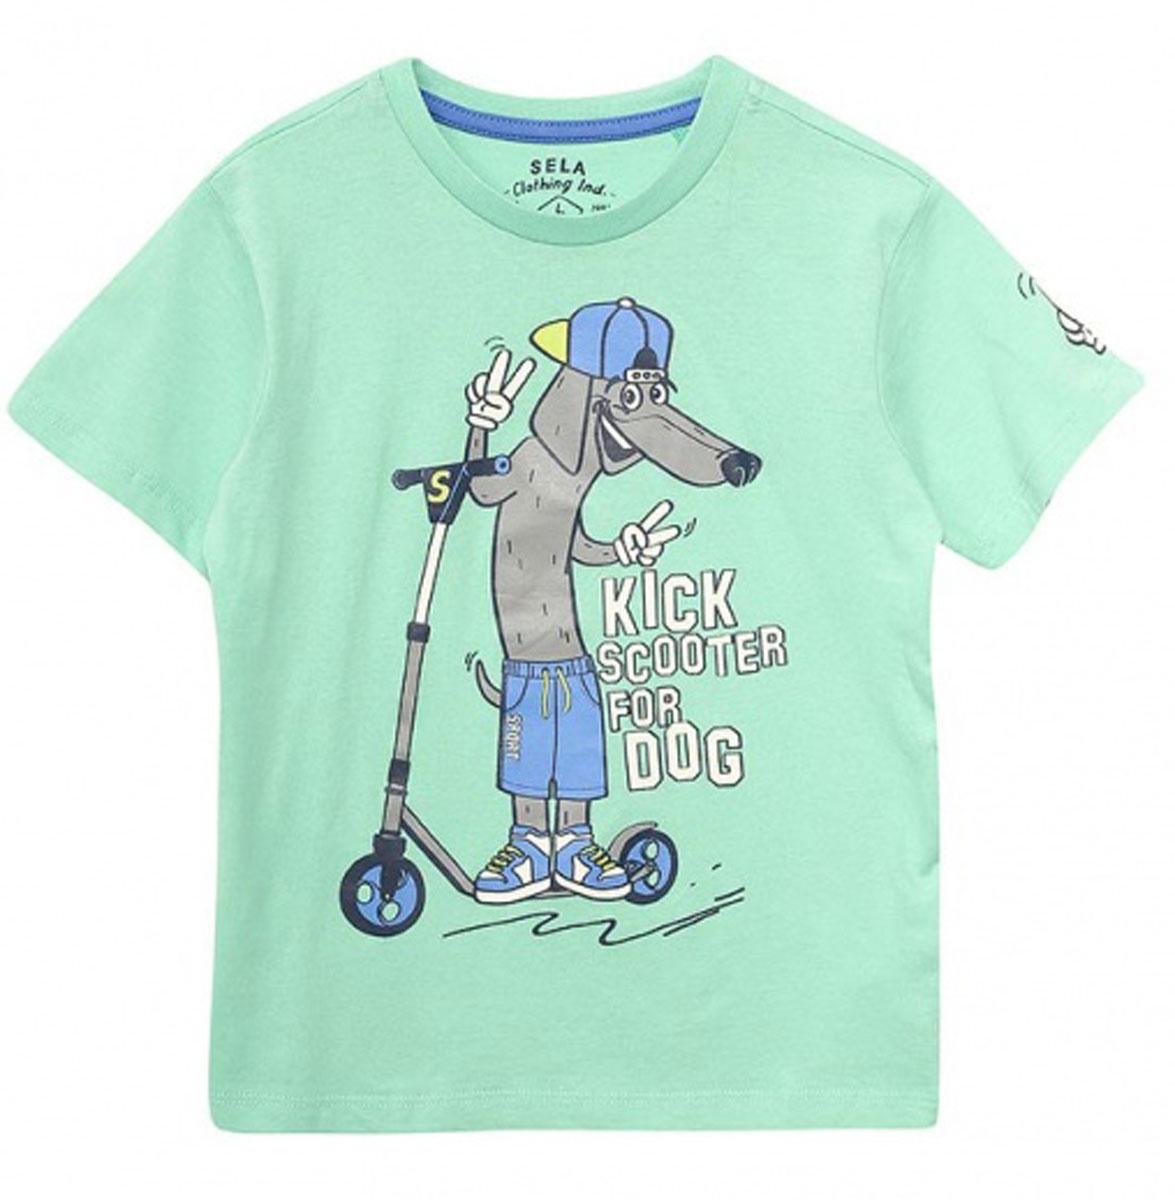 ФутболкаTs-711/522-7122Стильная футболка для мальчика Sela изготовлена из натурального хлопка и оформлена оригинальным принтом. Воротник дополнен мягкой трикотажной резинкой. Яркий цвет модели позволяет создавать модные образы.